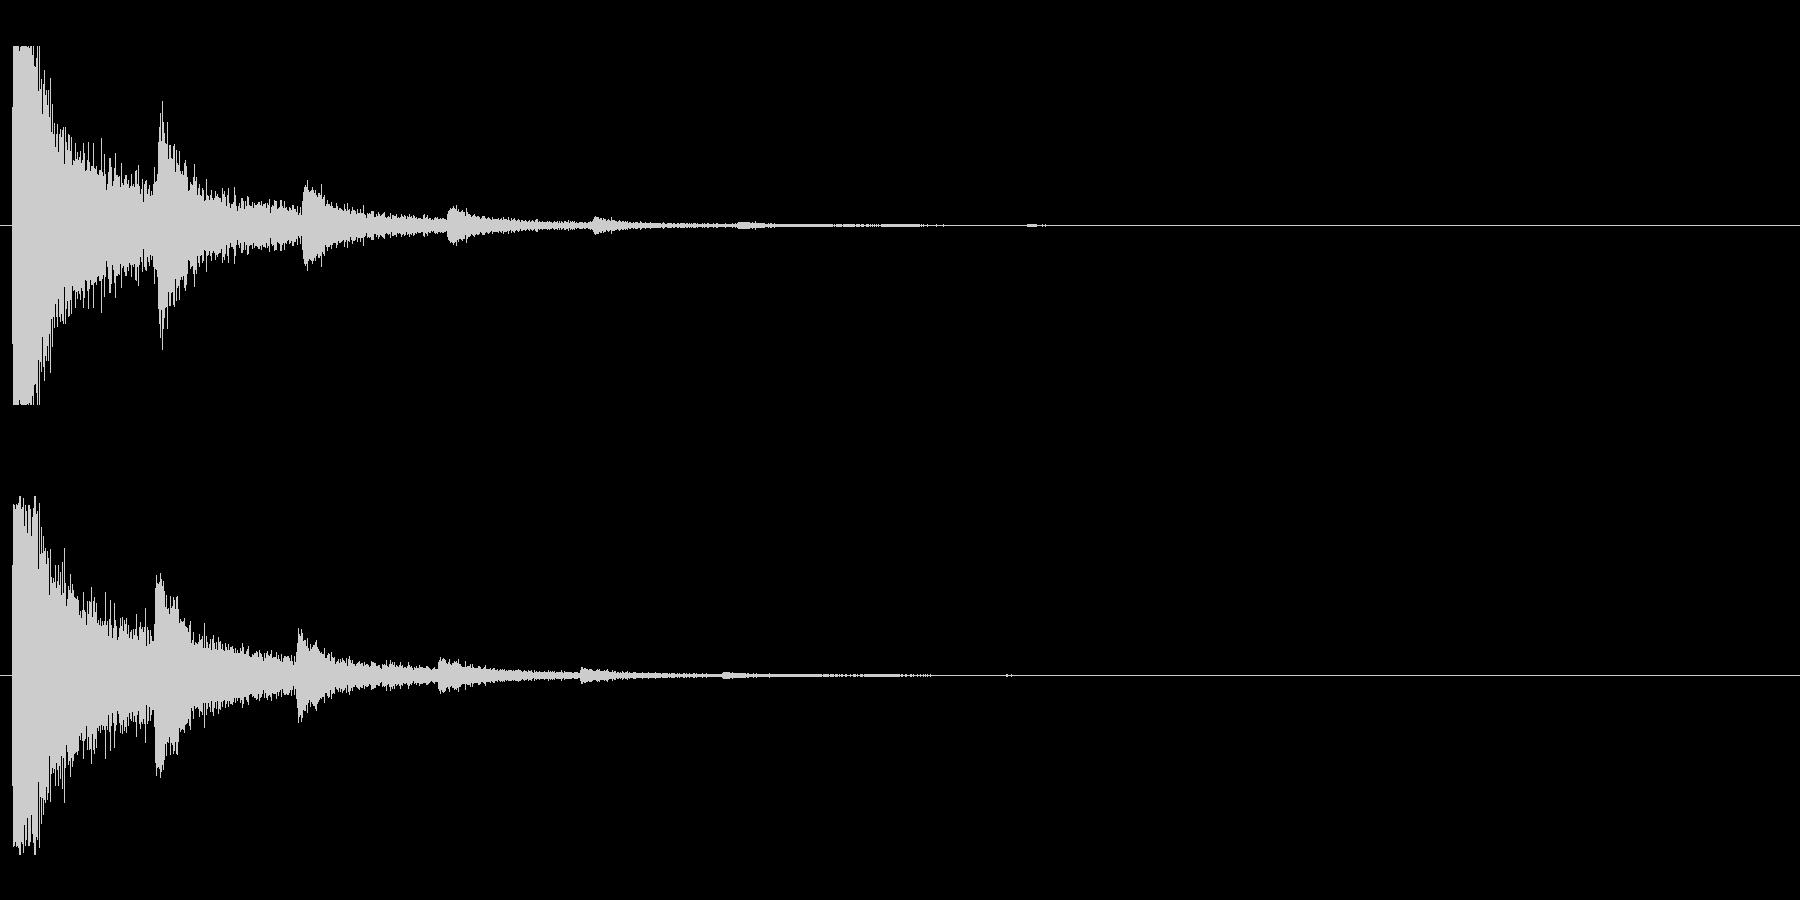 レーザー音-06-2の未再生の波形